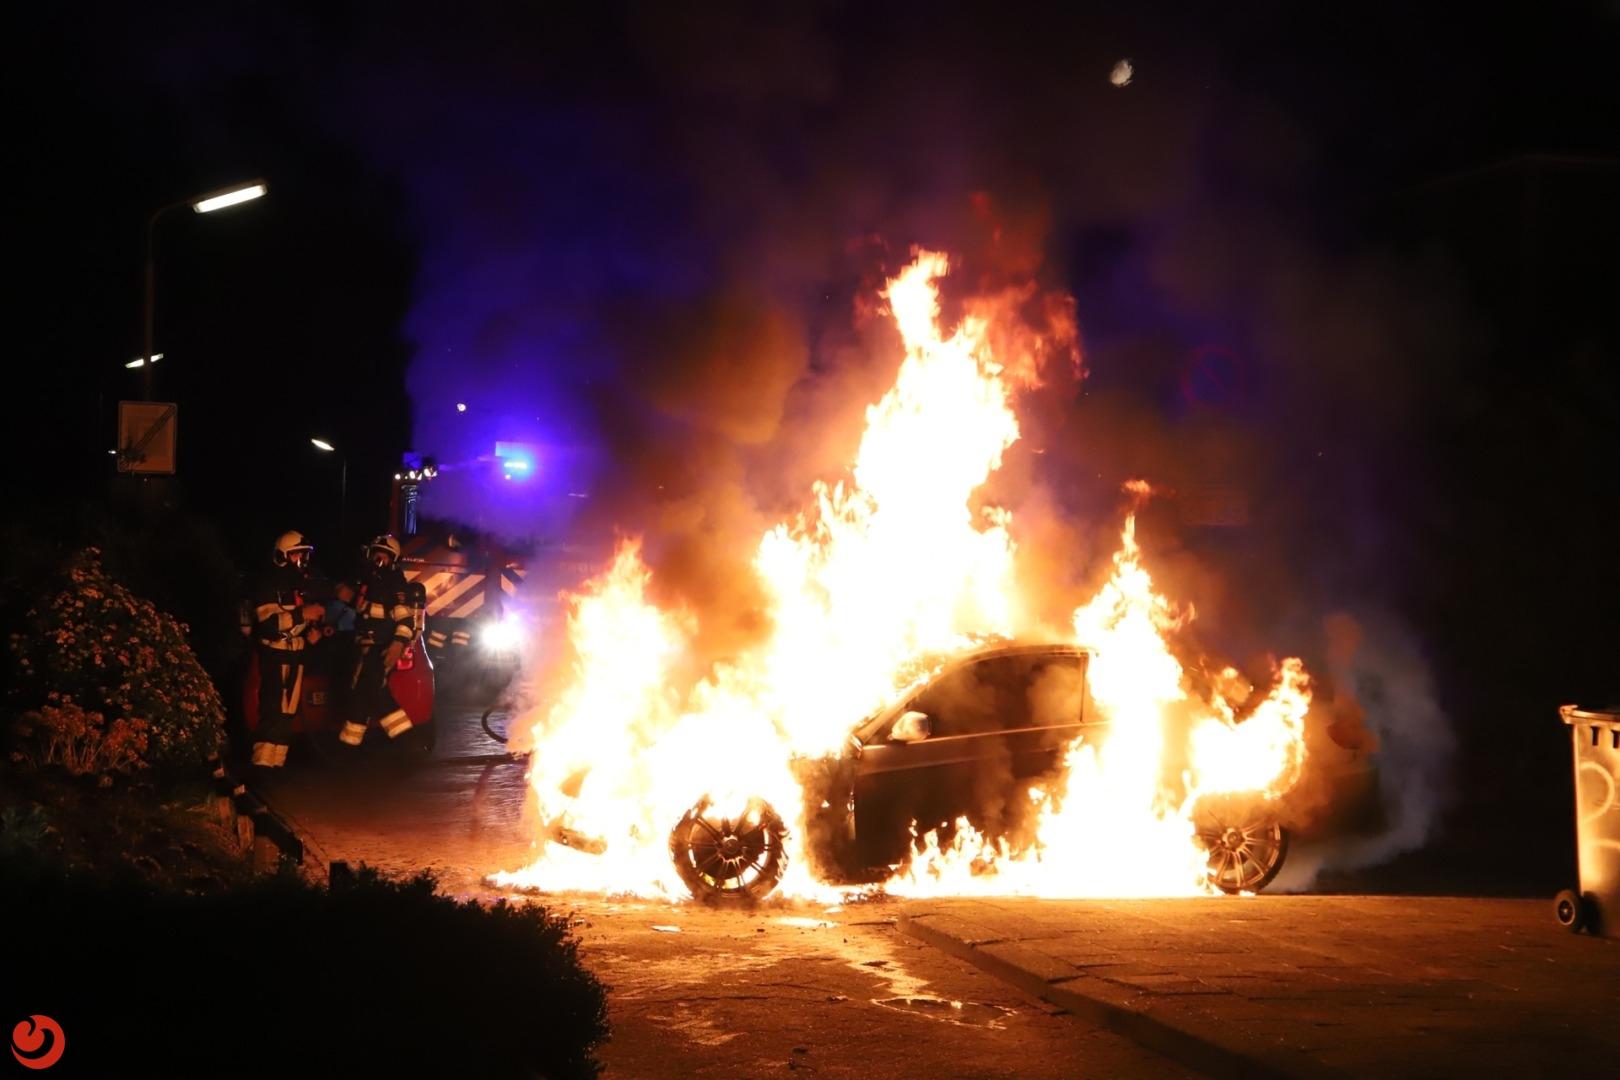 Bewoners uit huis wegens autobrand